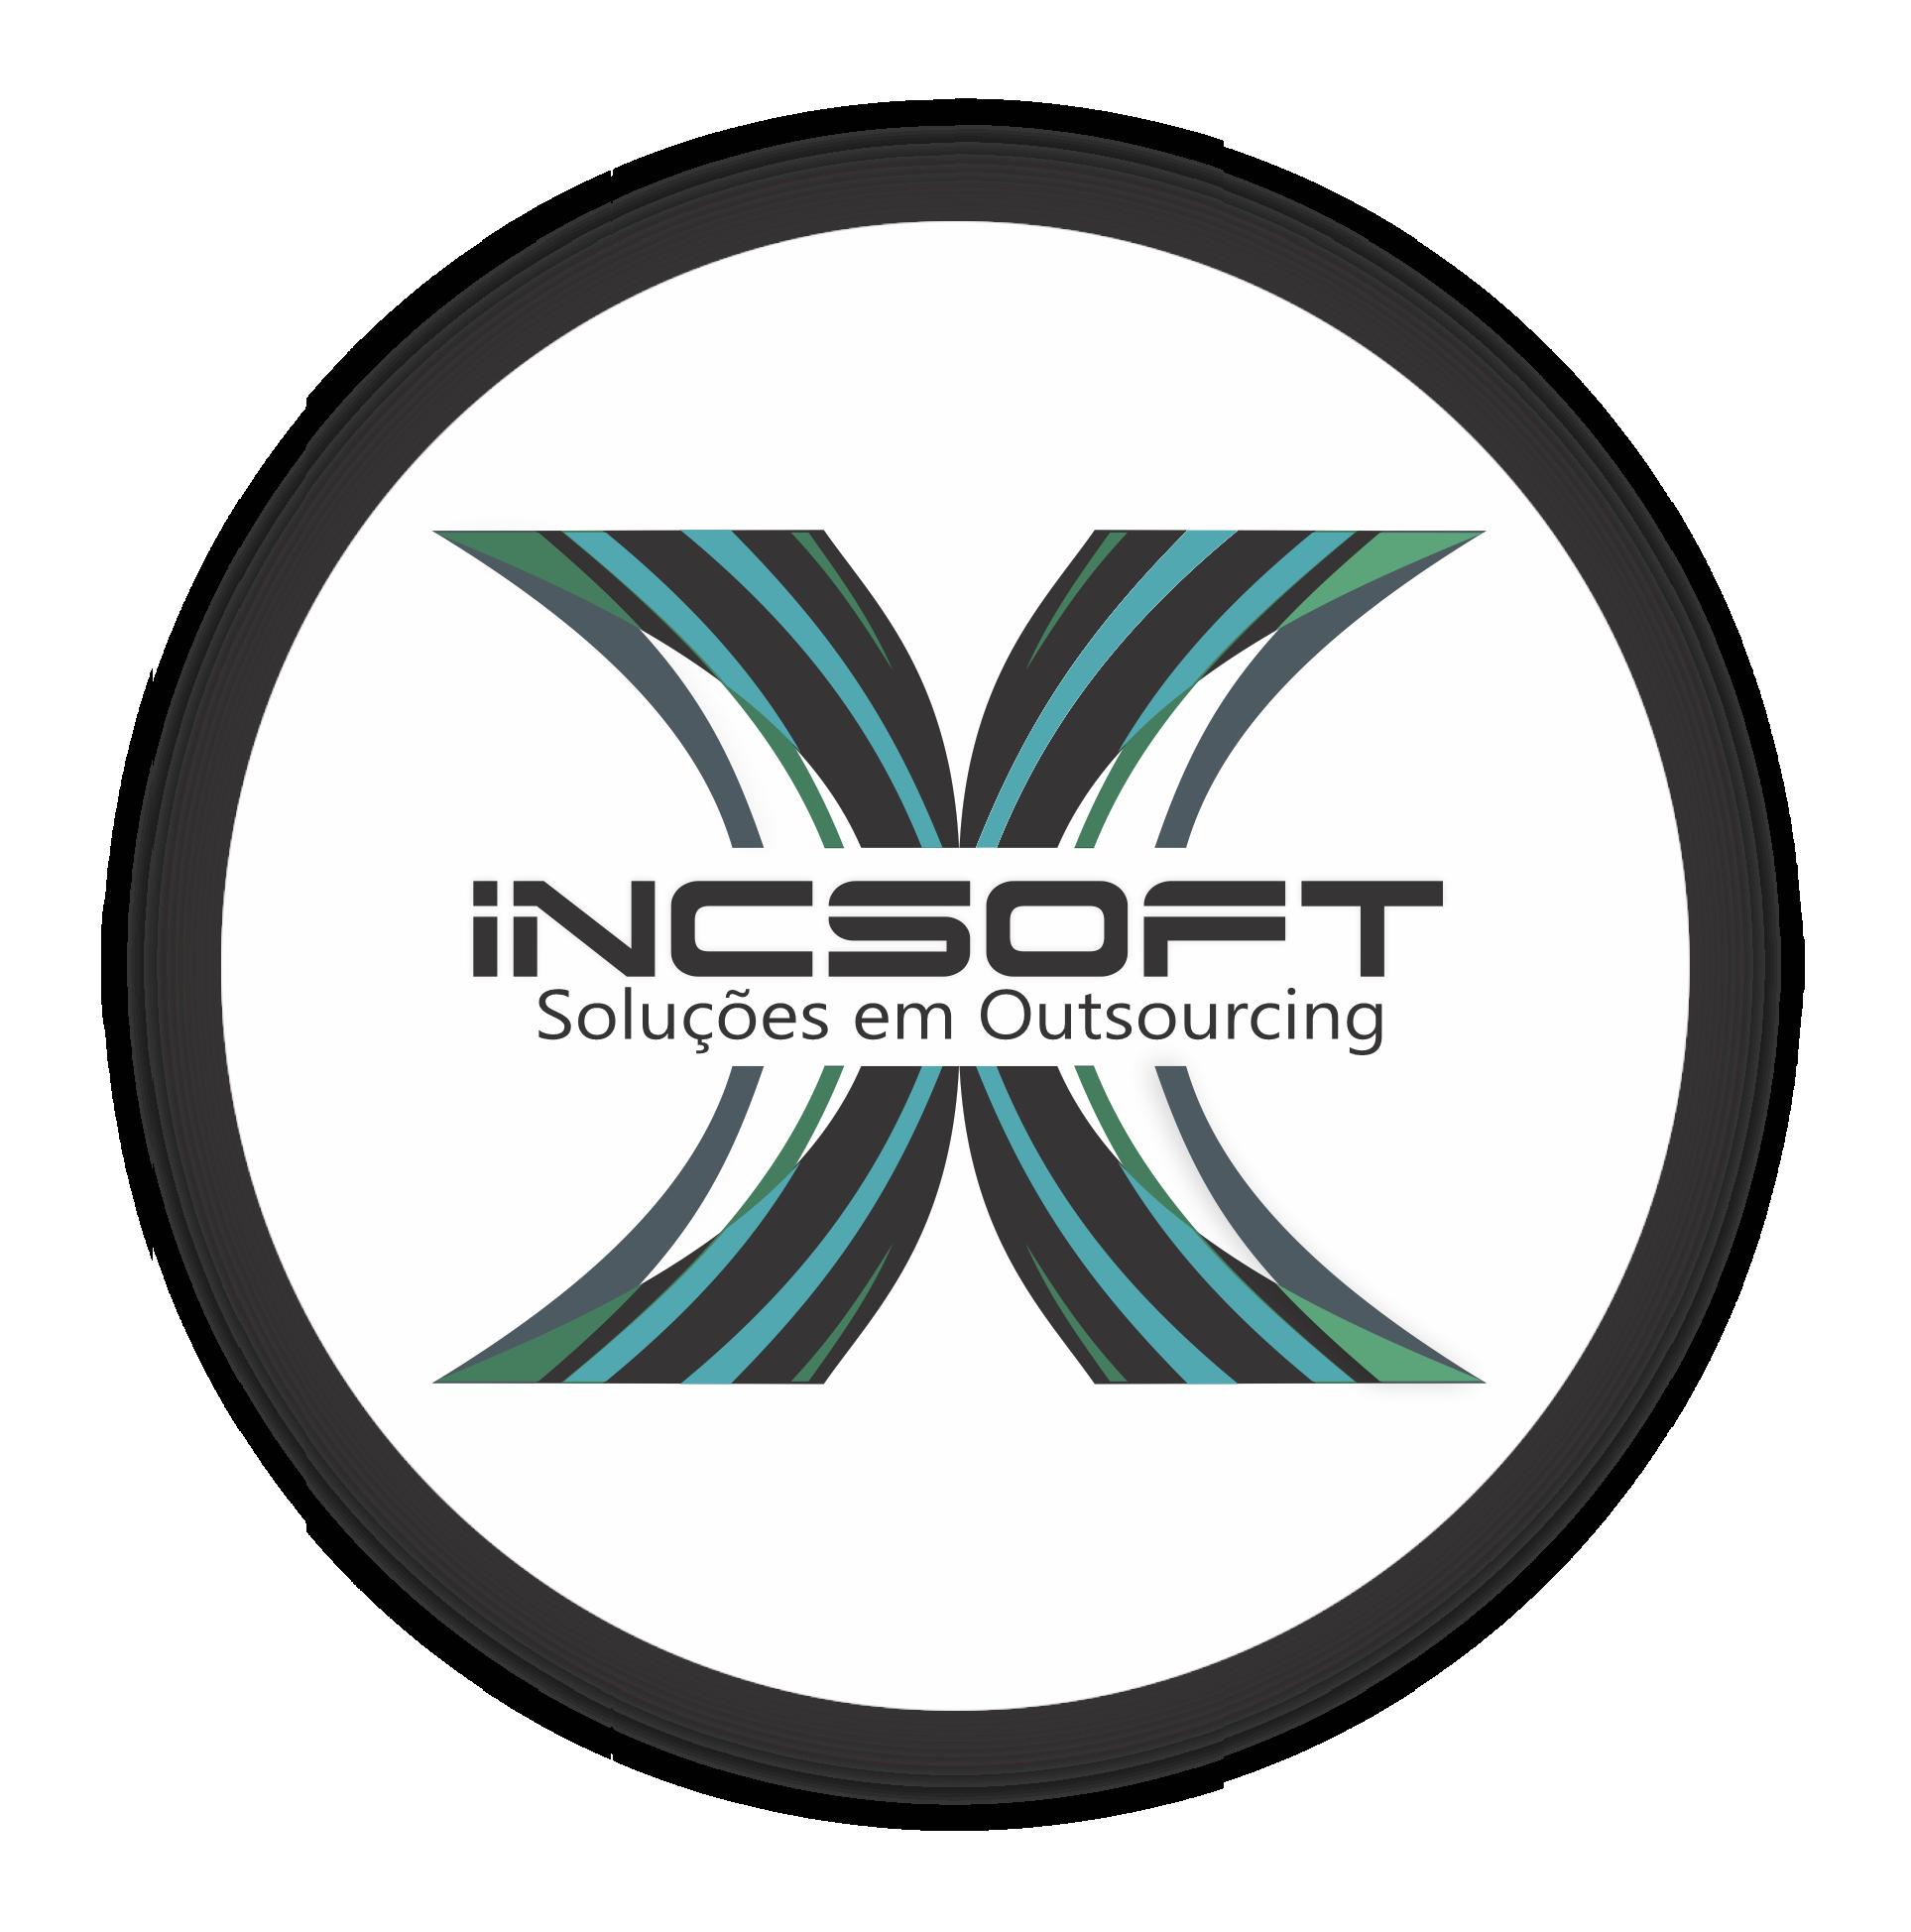 Incsoft - Soluções para Outsourcing de Impressão